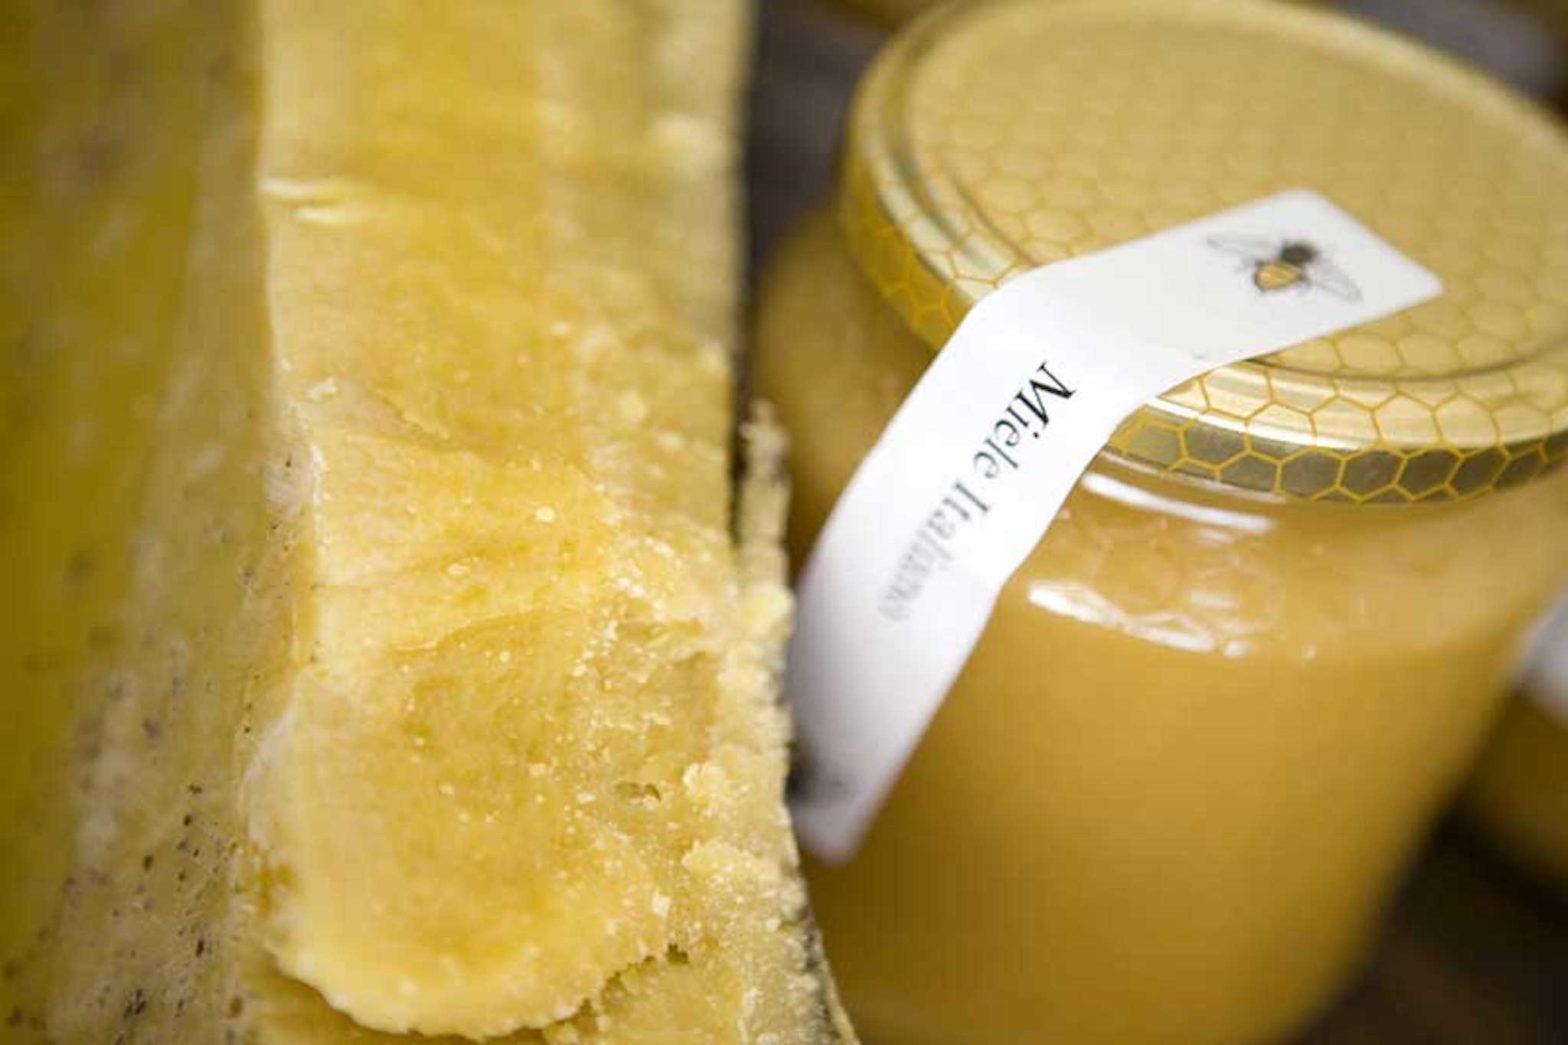 Migliore miele supermercato millefiori